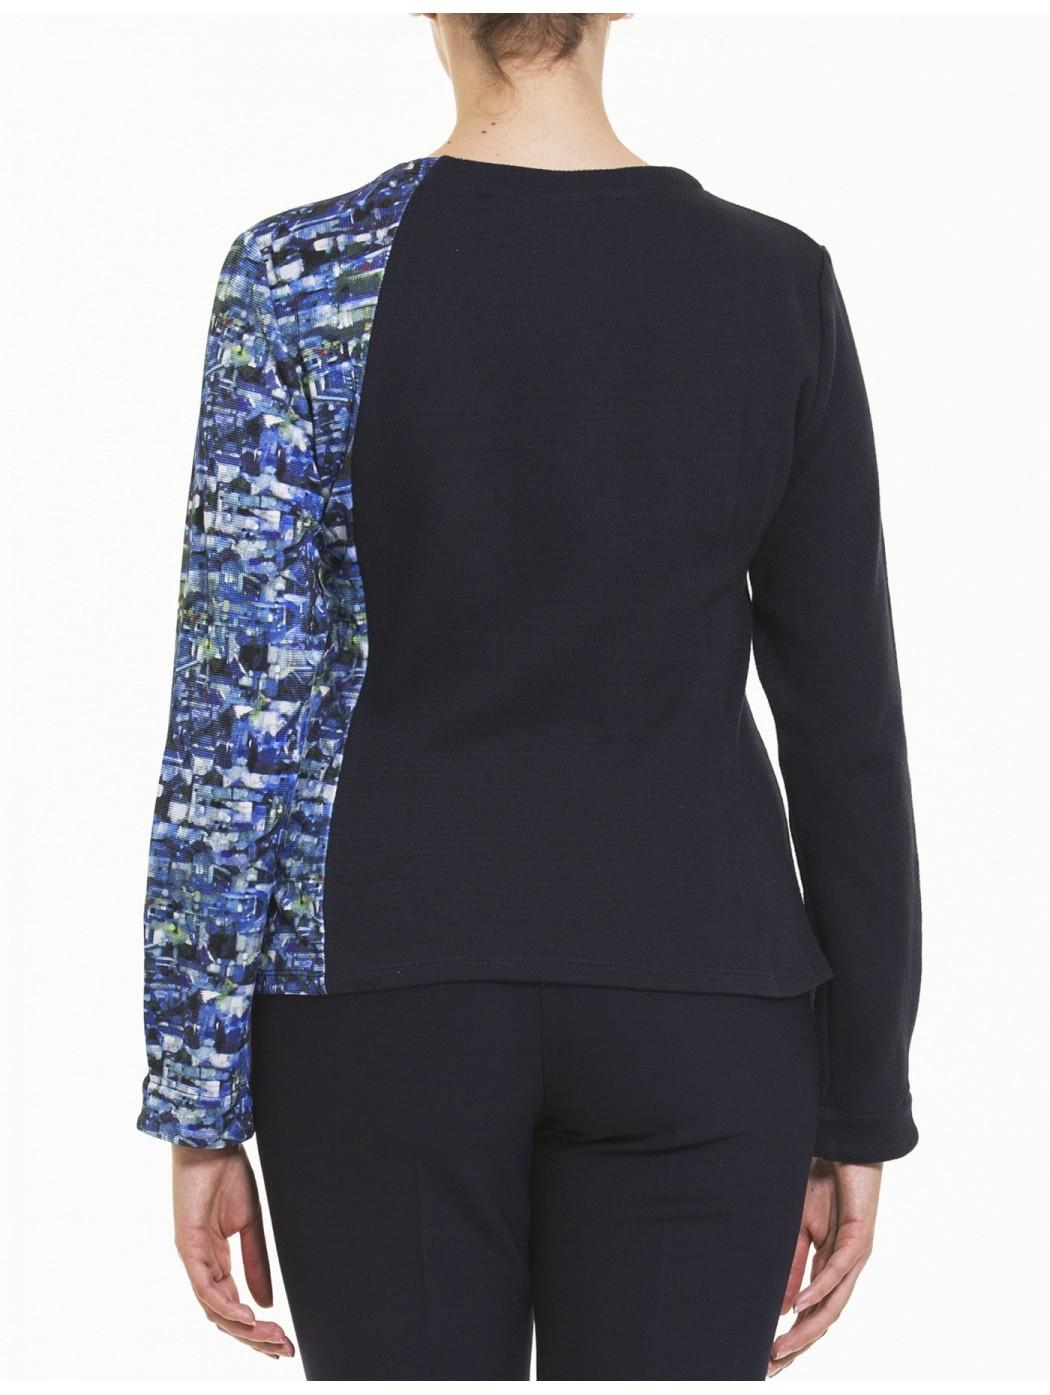 Blaue Jacke Seite Reißverschluss Aventures des toiles